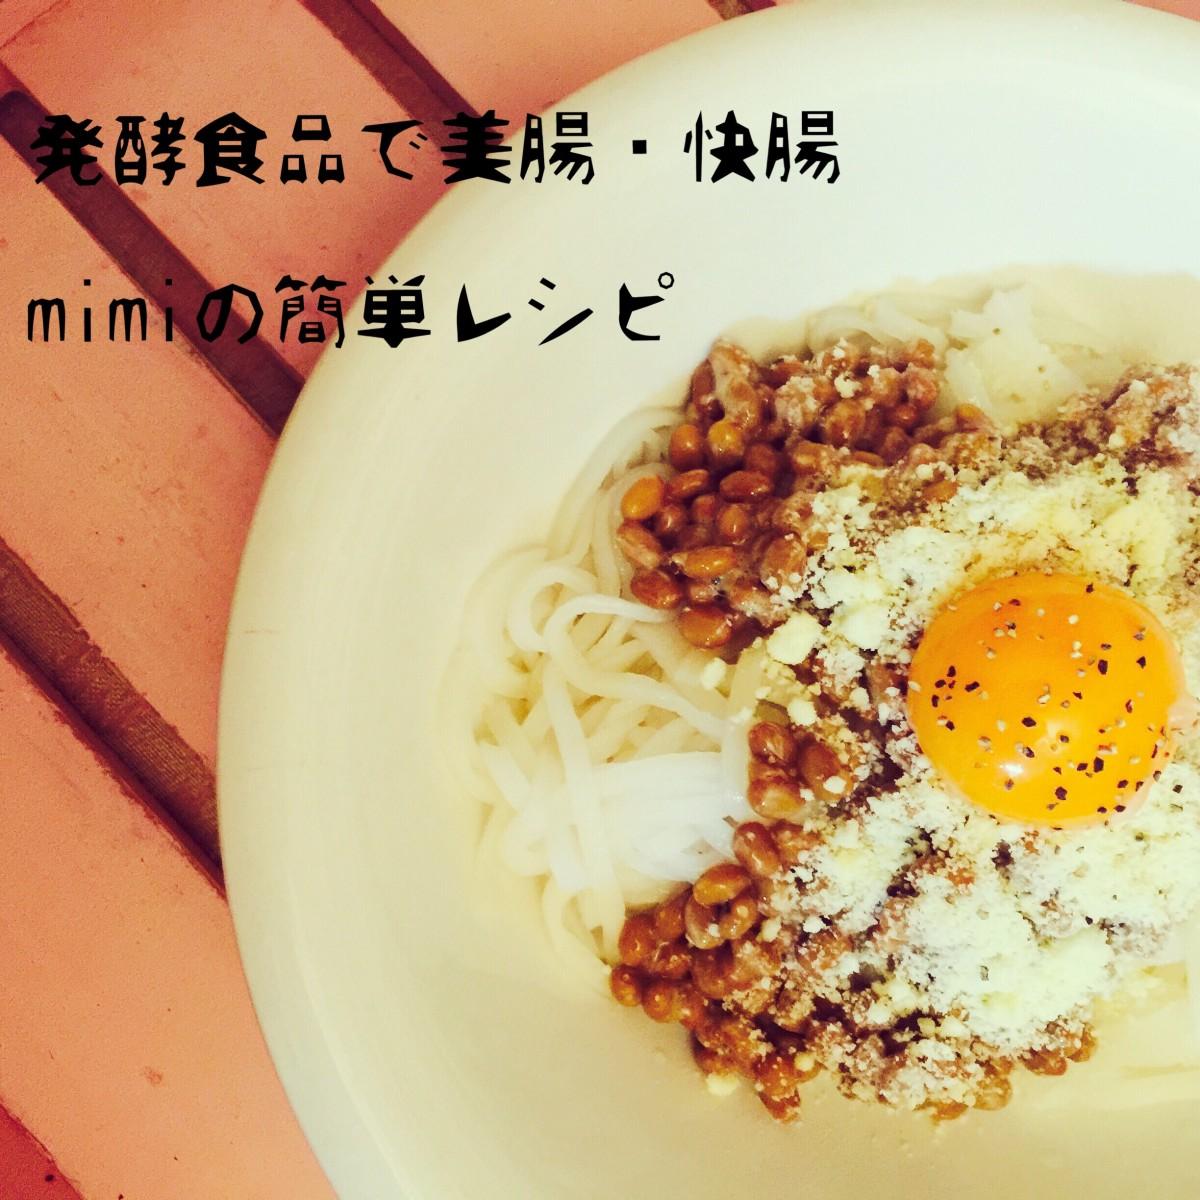 【レシピ付き】5分で完成!発酵食品で美腸・快腸!休日は納豆カルボナーラで時短lunch♡